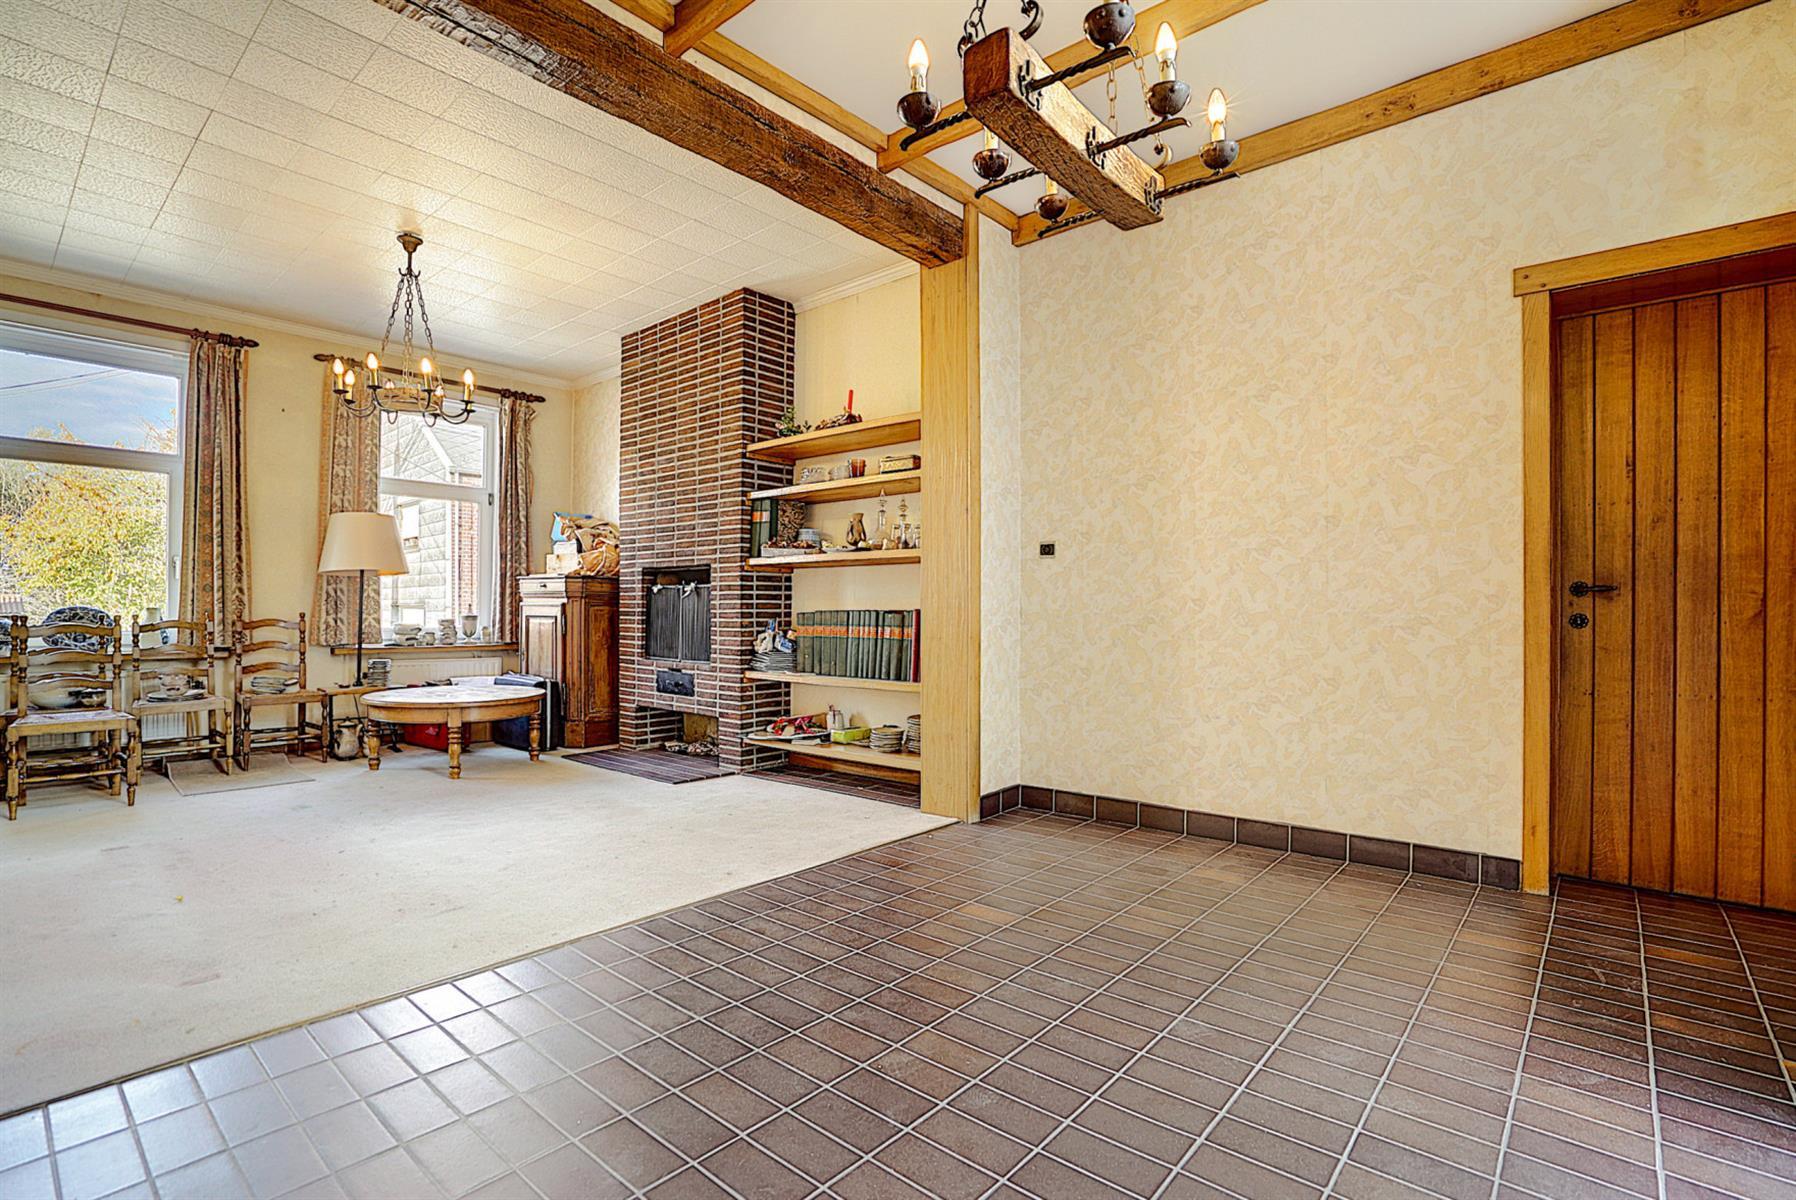 Maison de maître - Nil-saint-vincent-saint-martin - #4206773-6